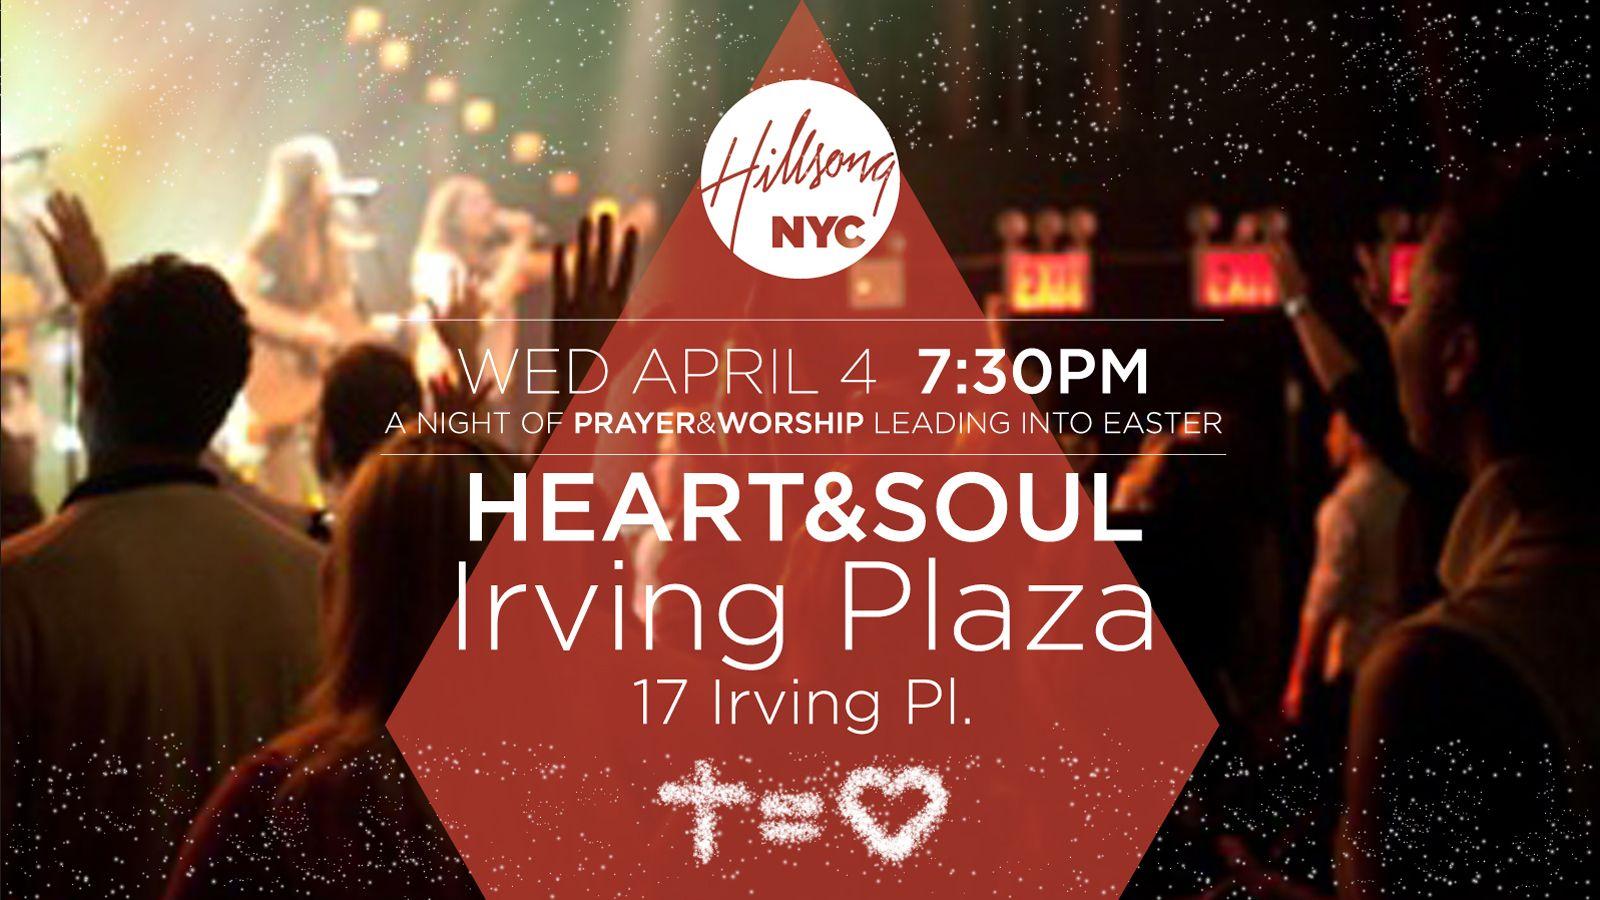 Irving Plaza Hillsong